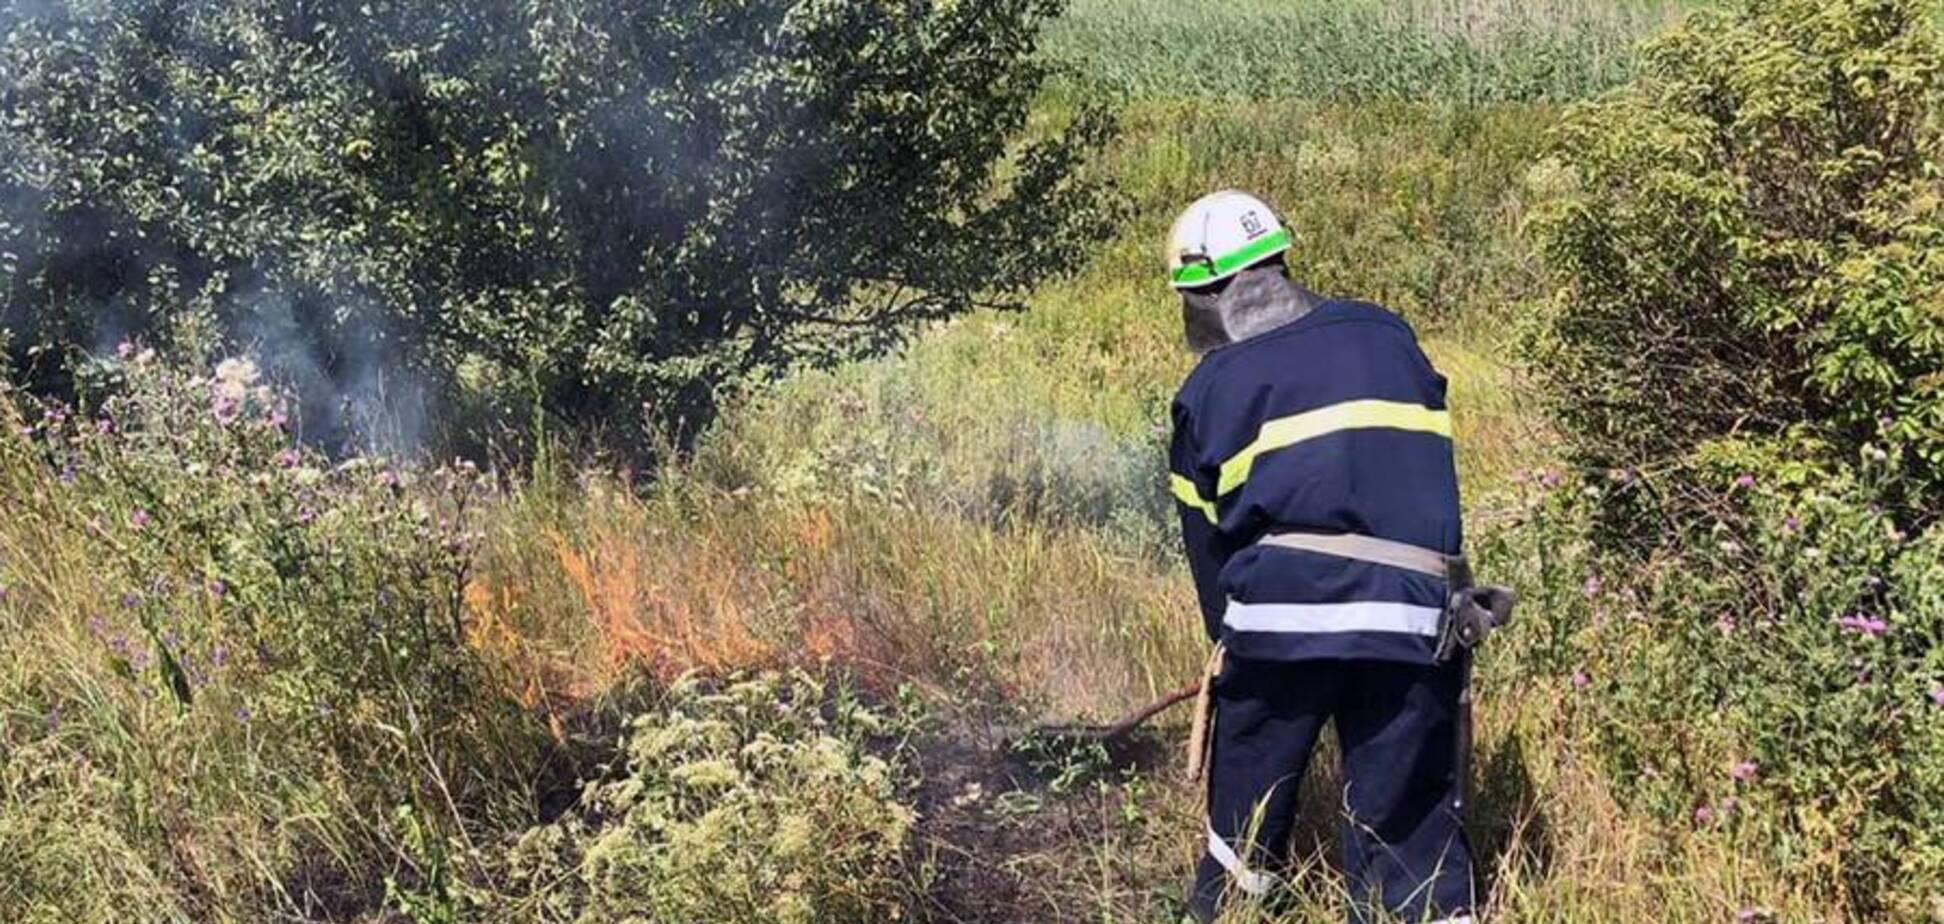 Дніпро і область накривають пожежі: люди масово спалюють сухостій